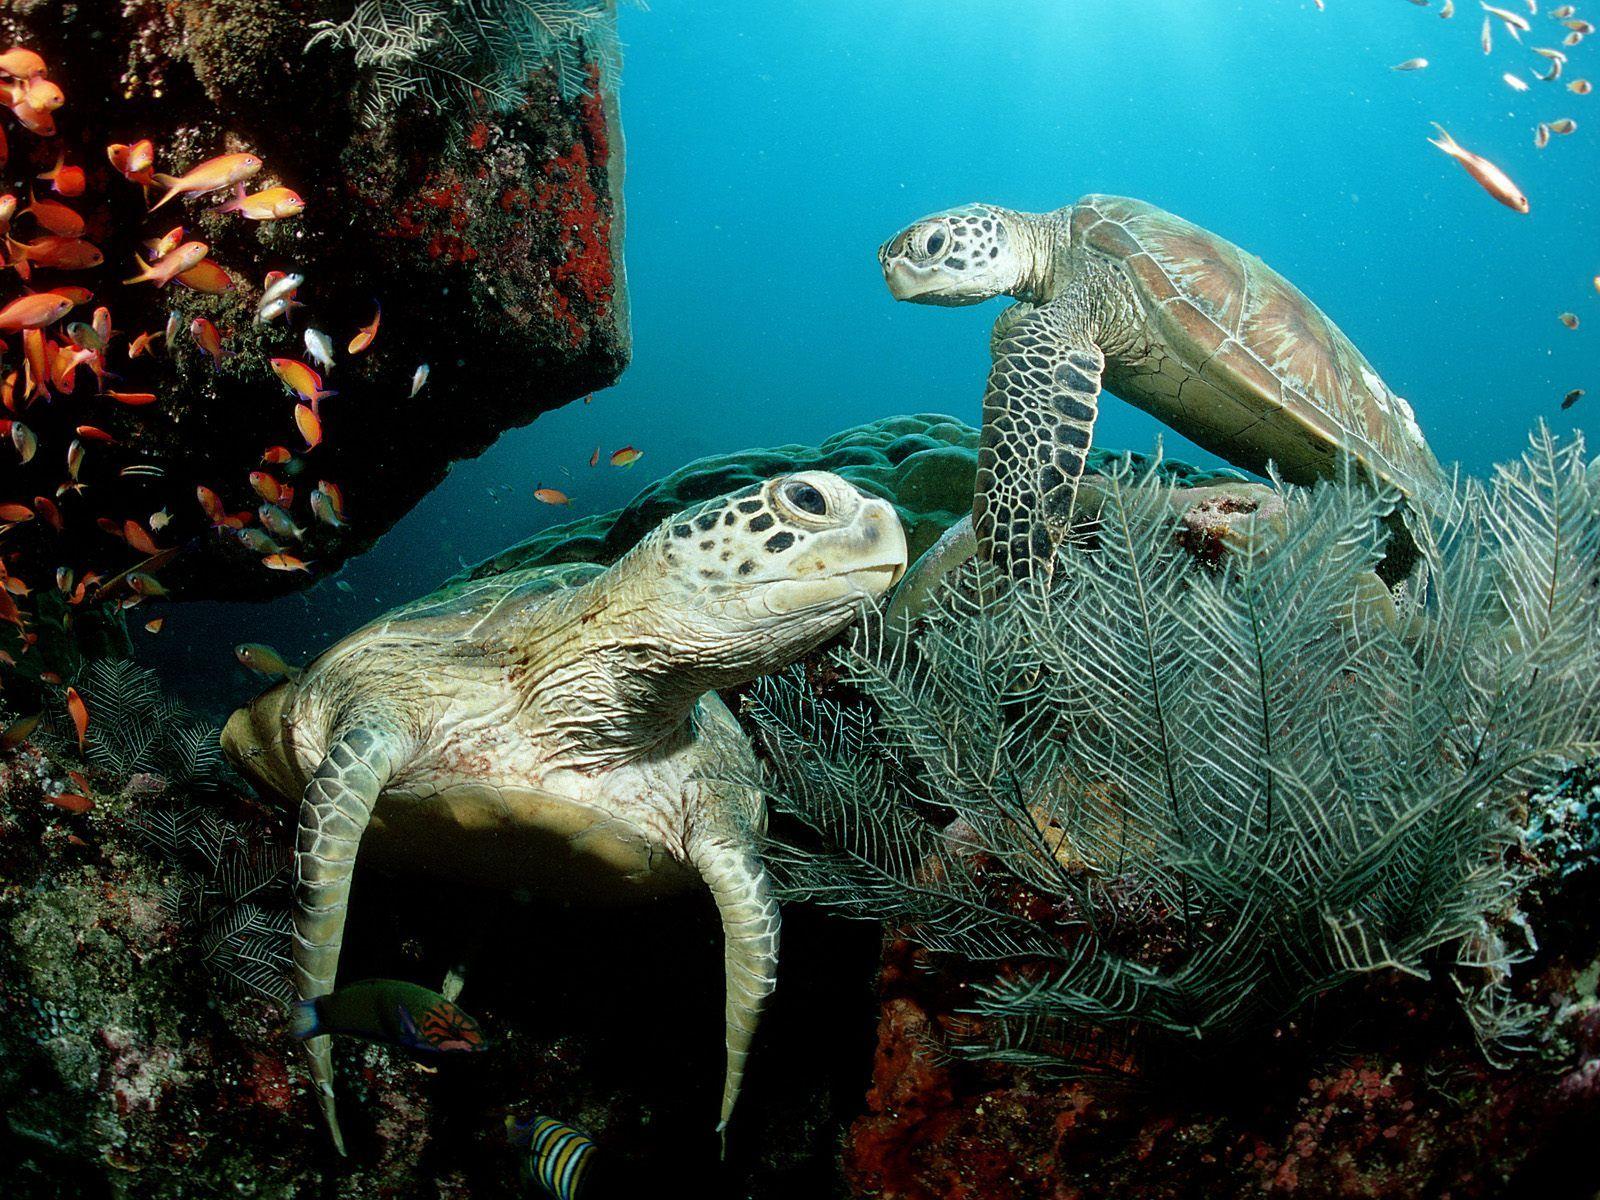 animal zoo life turtles pet turtles sea turtles